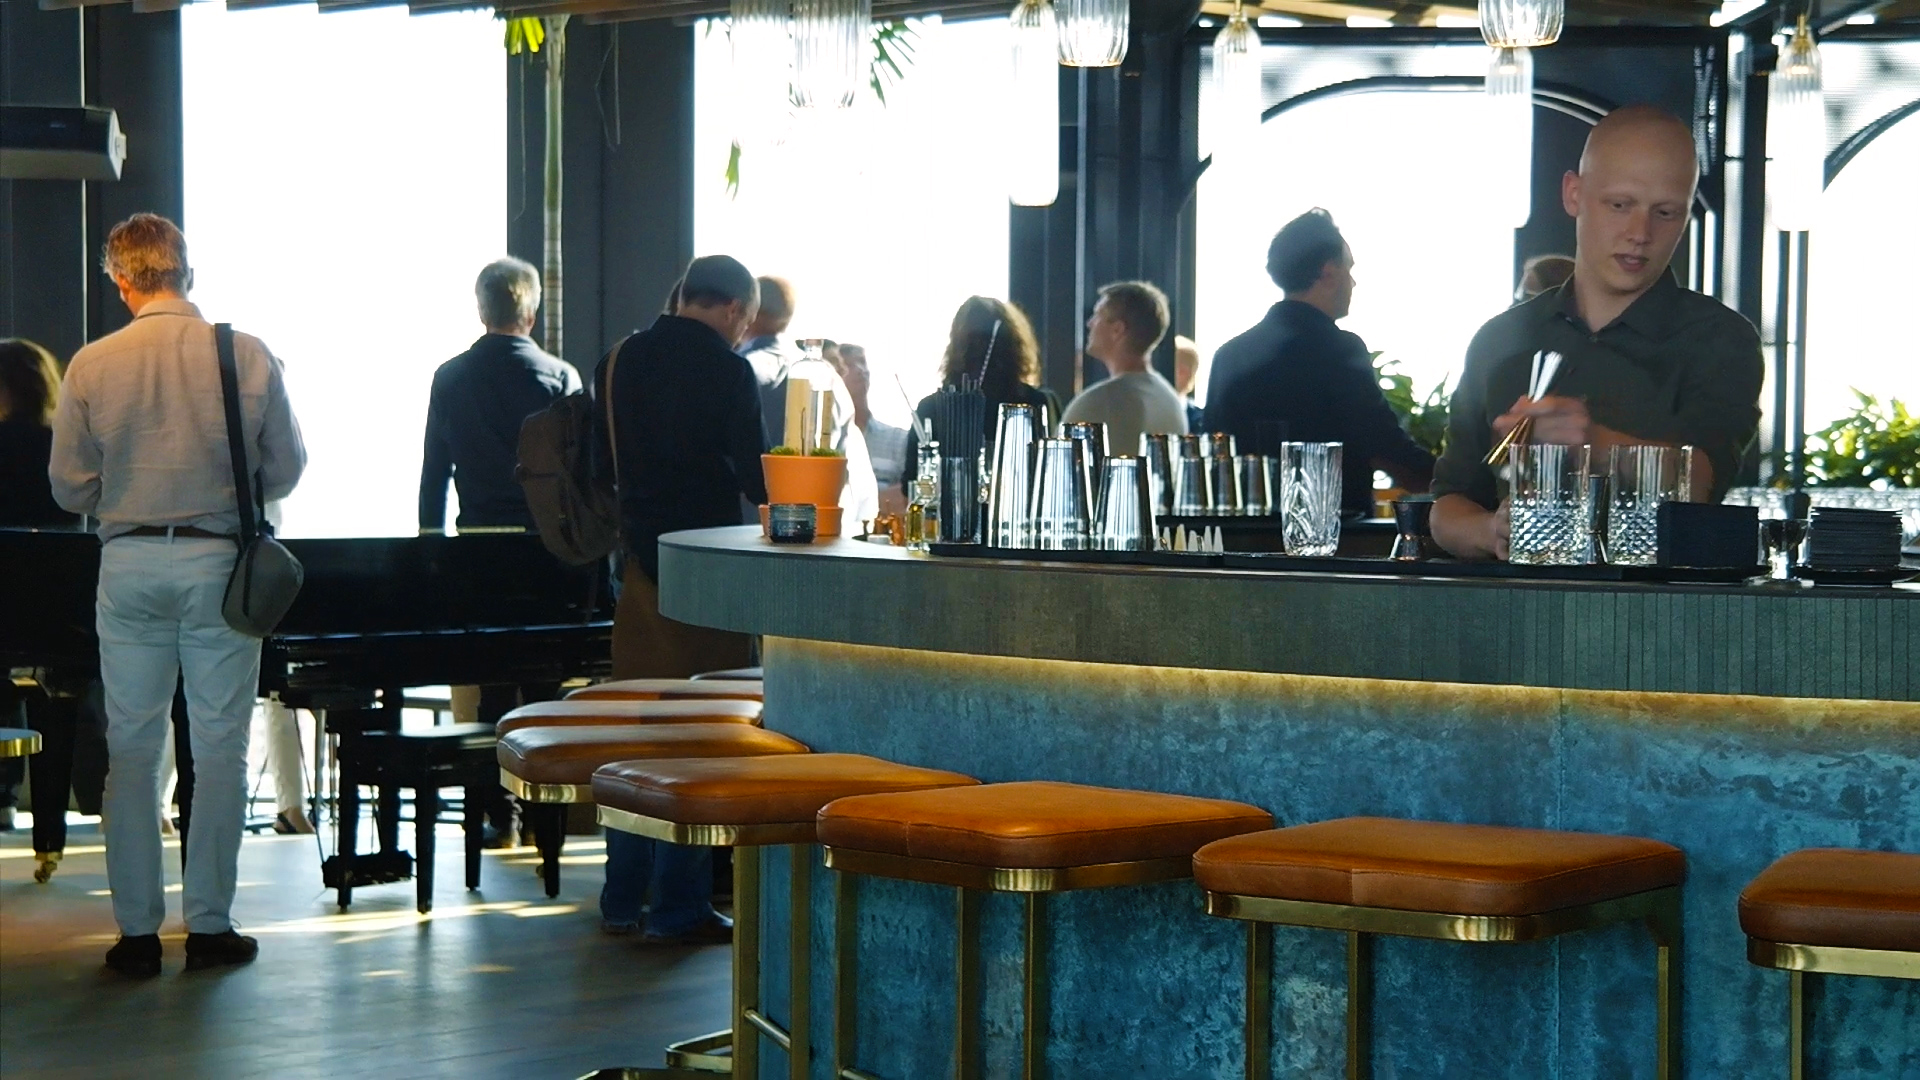 <p>Projectbezoek QO Amsterdam met Paul de Ruiter en Robert Mulder, beeld HaafVisual</p>